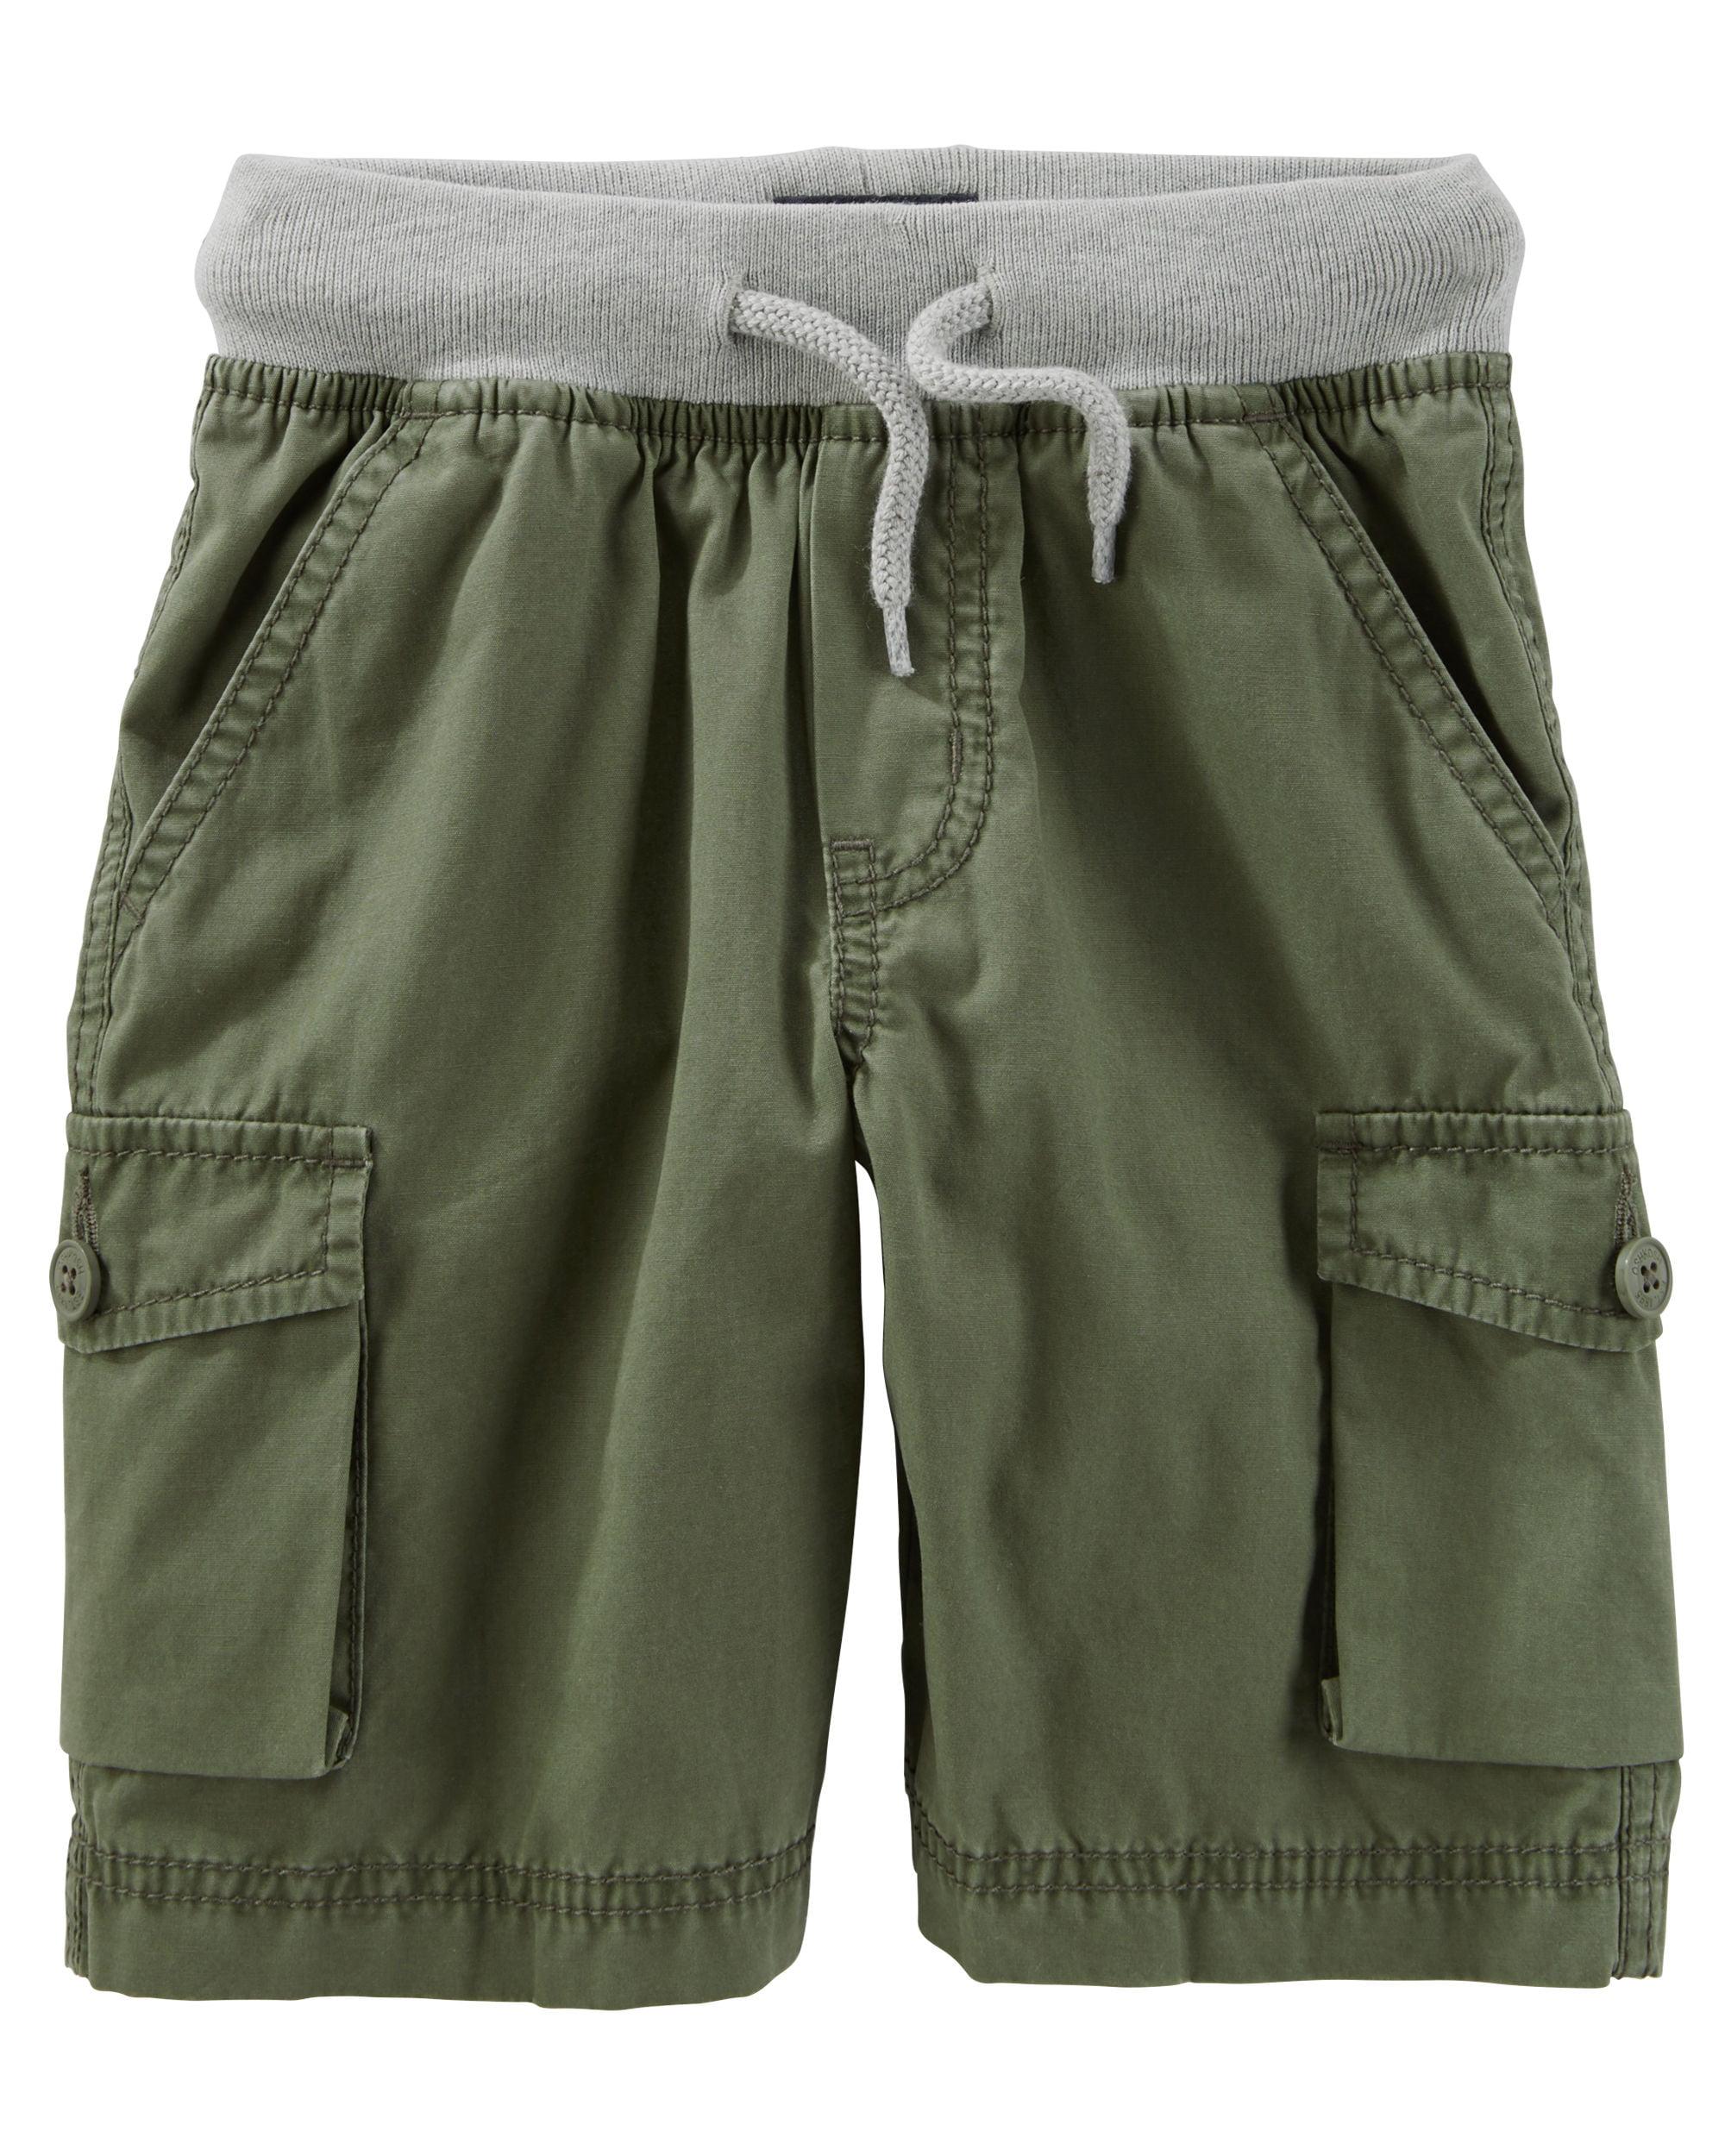 OshKosh B'gosh Baby Boys' Pull-On Cargo Shorts, 9 Months